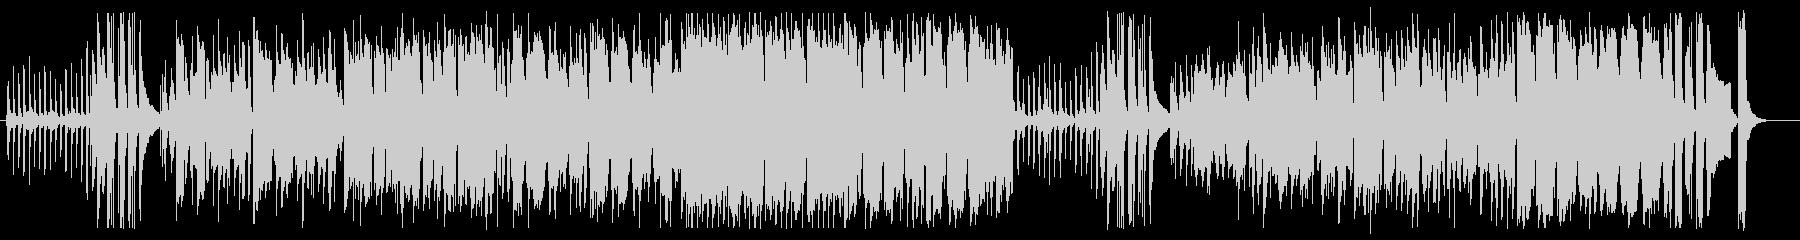 ほのぼのシンセサイザーピアノサウンドの未再生の波形